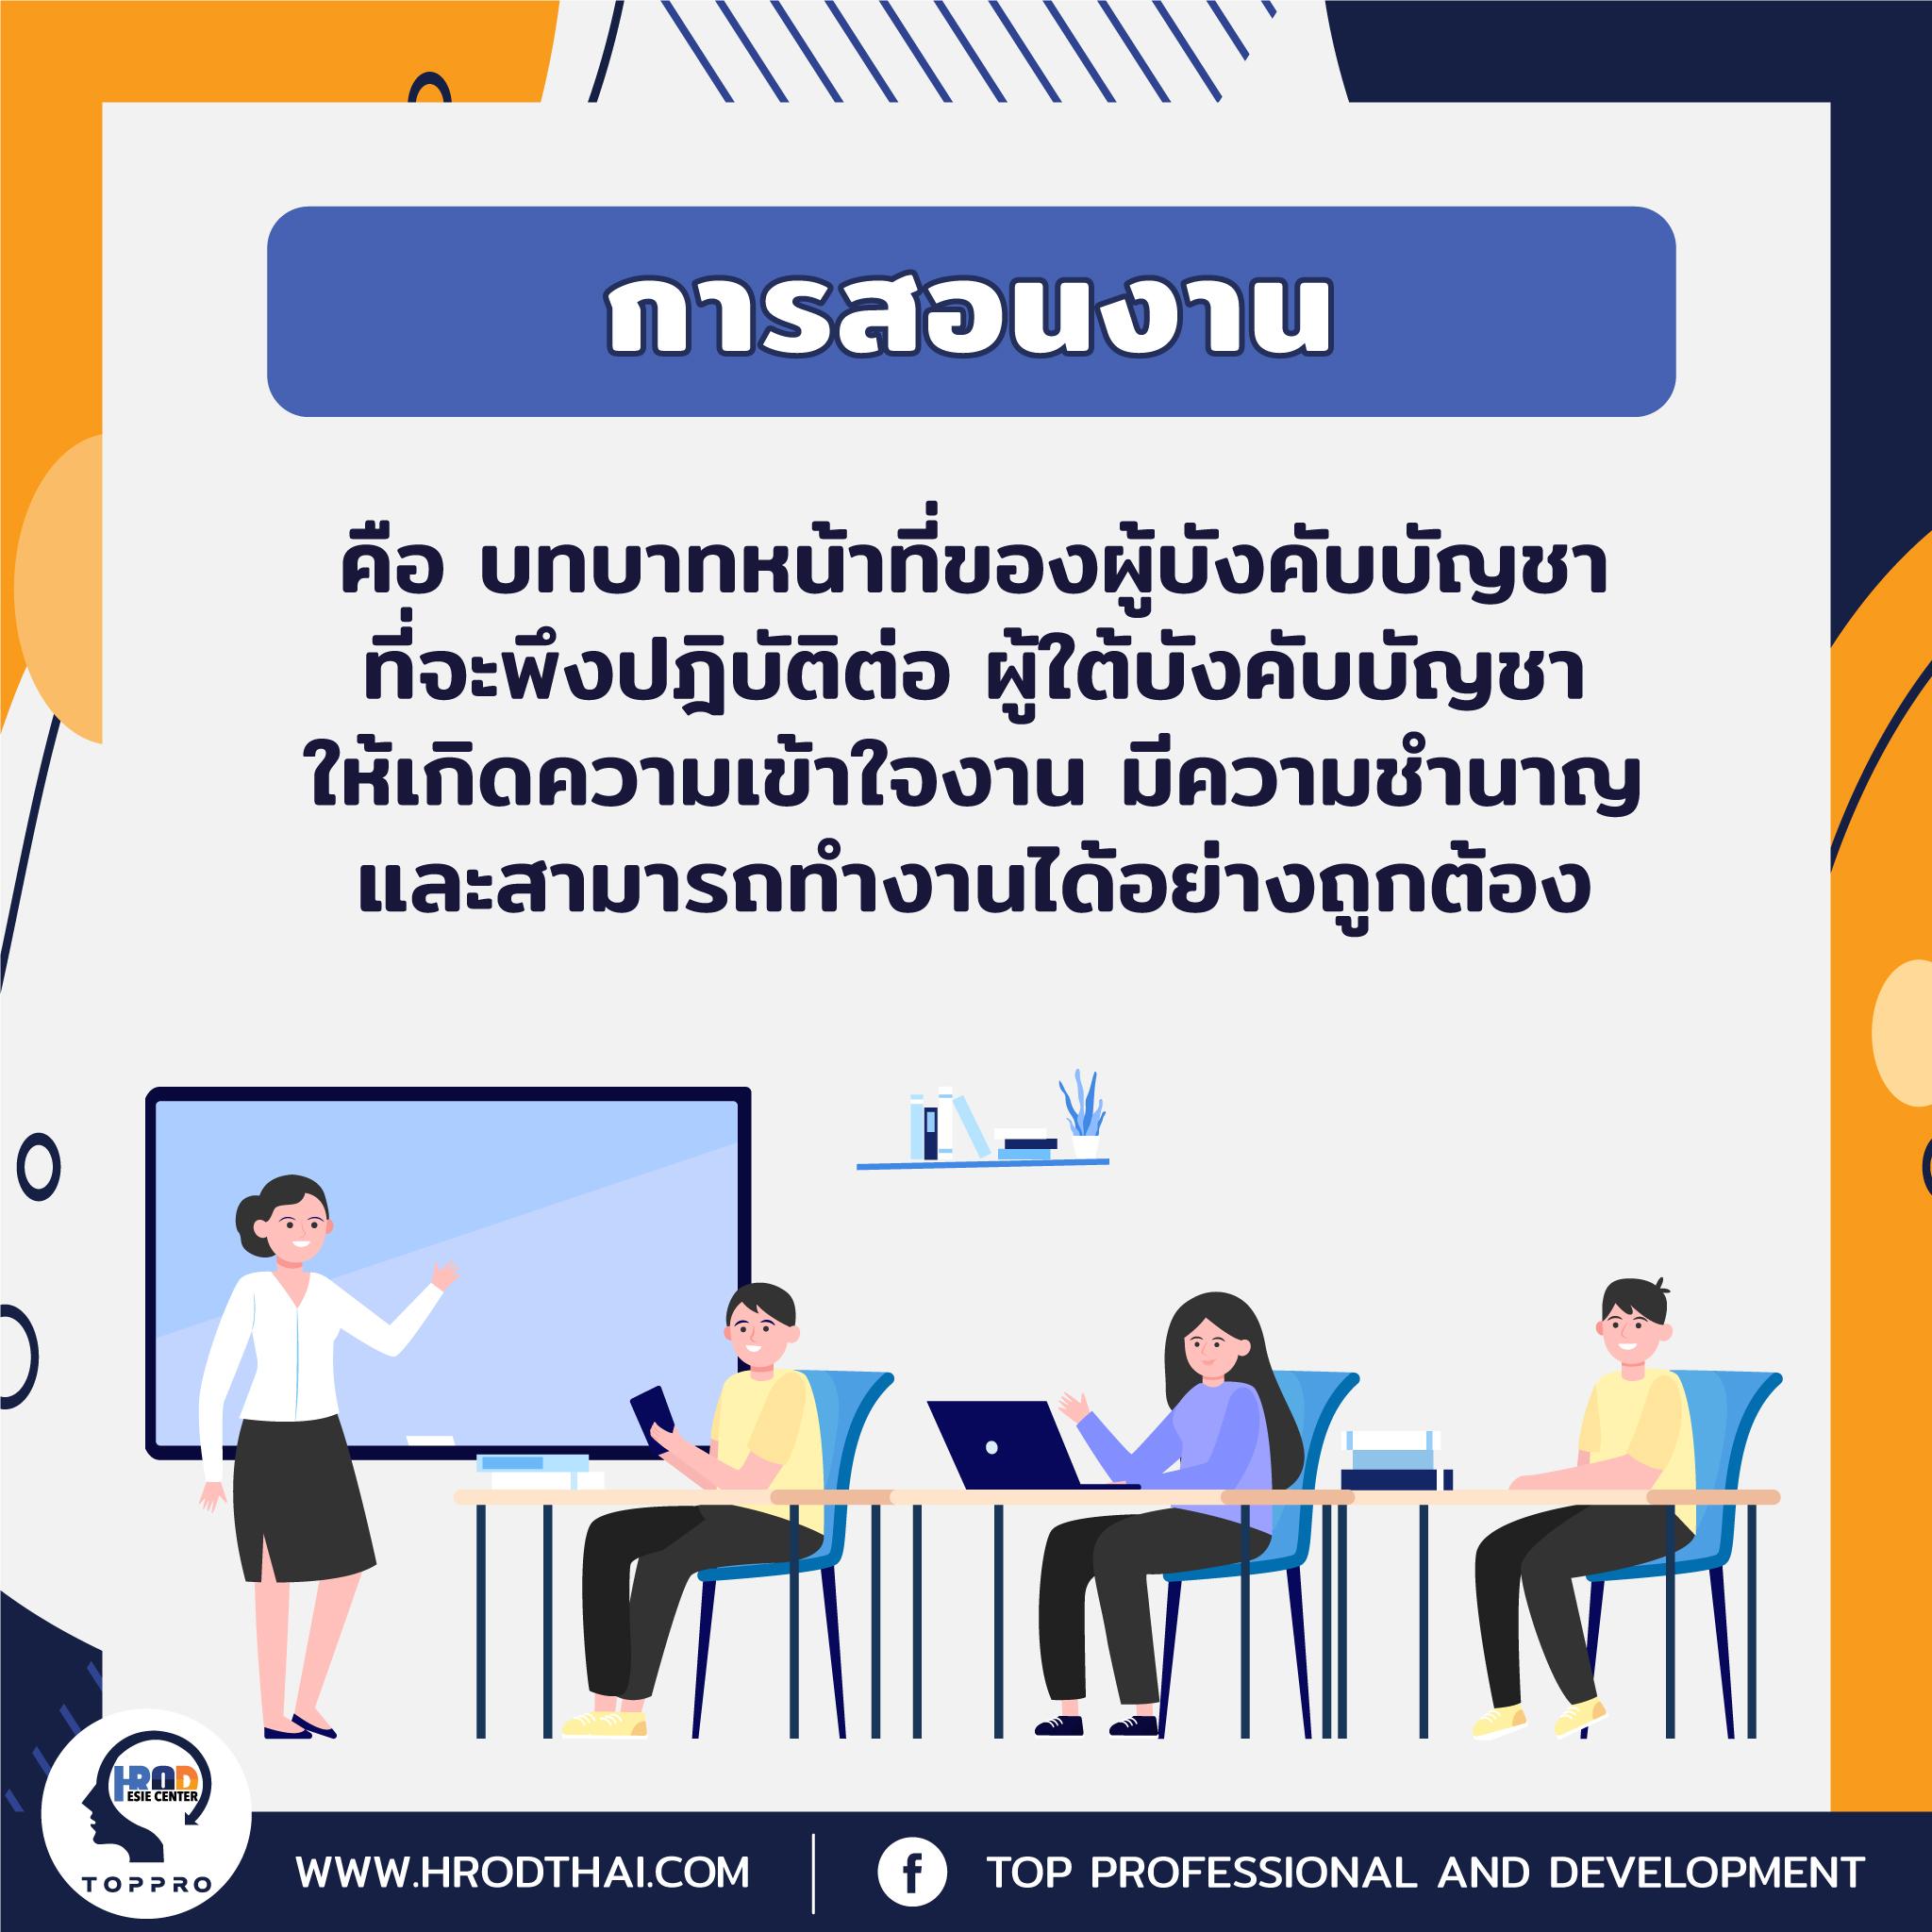 เทคนิคการสอนงาน On the job training-1